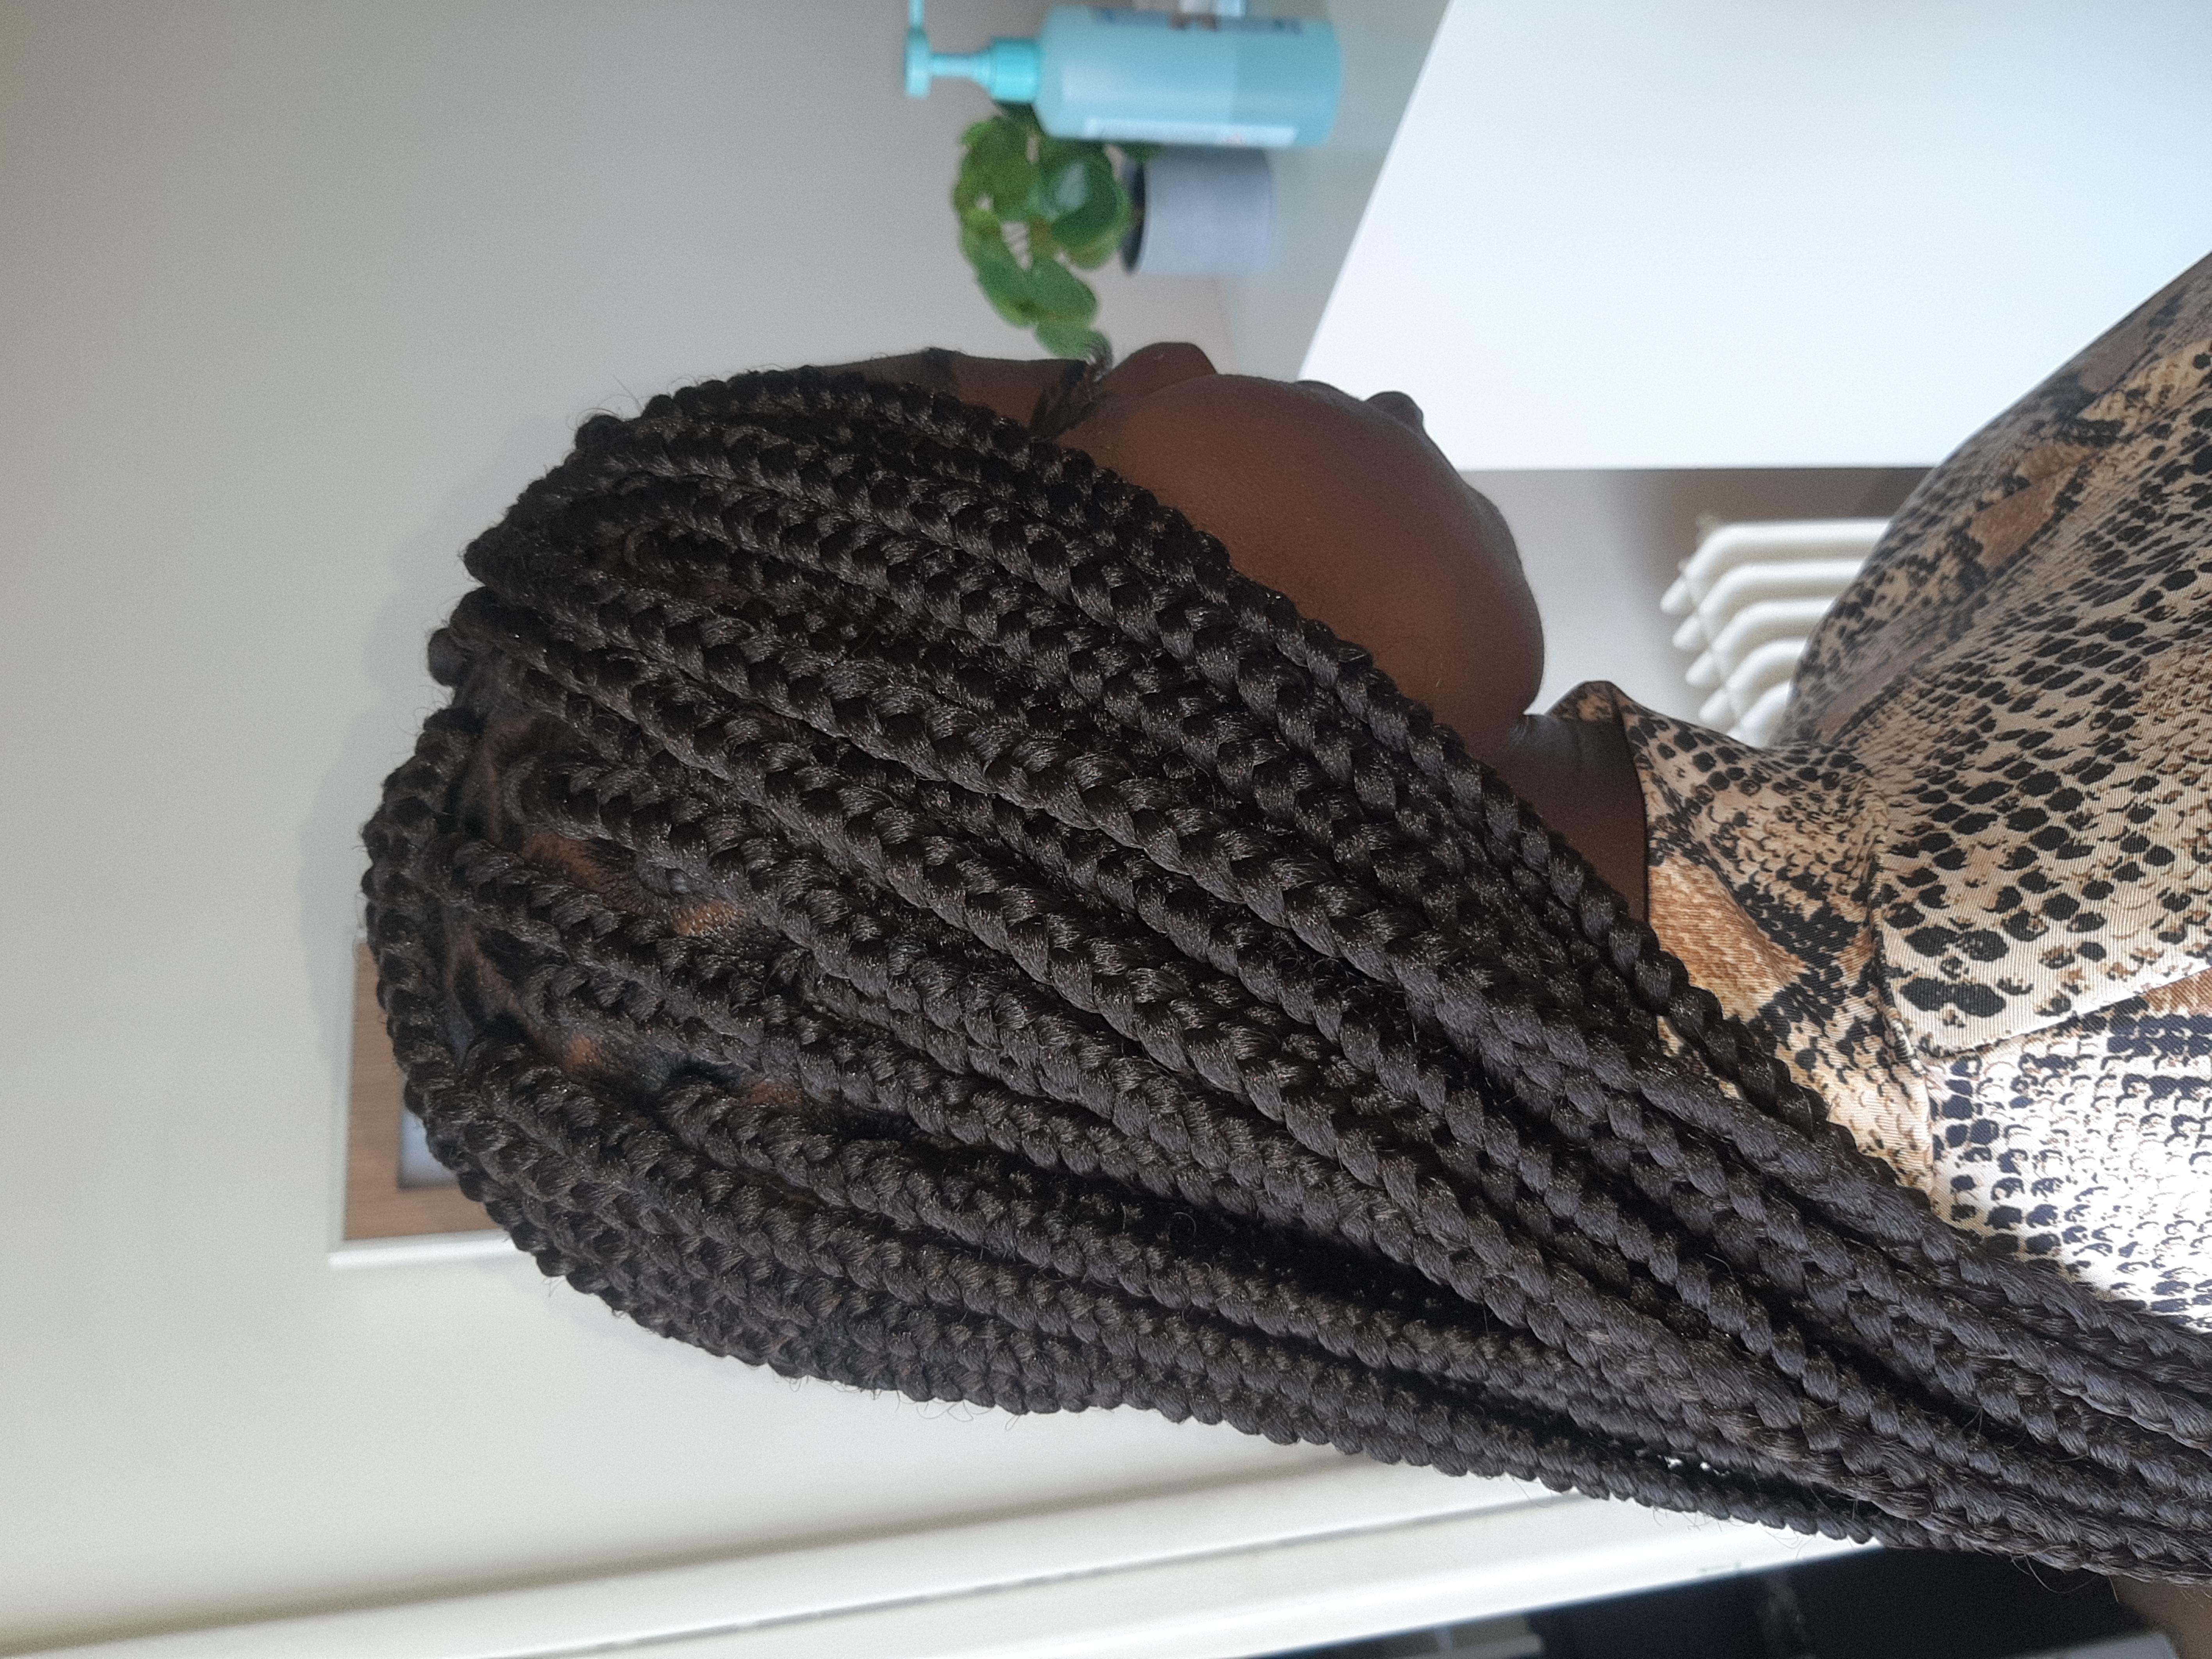 salon de coiffure afro tresse tresses box braids crochet braids vanilles tissages paris 75 77 78 91 92 93 94 95 JKNYEJFY